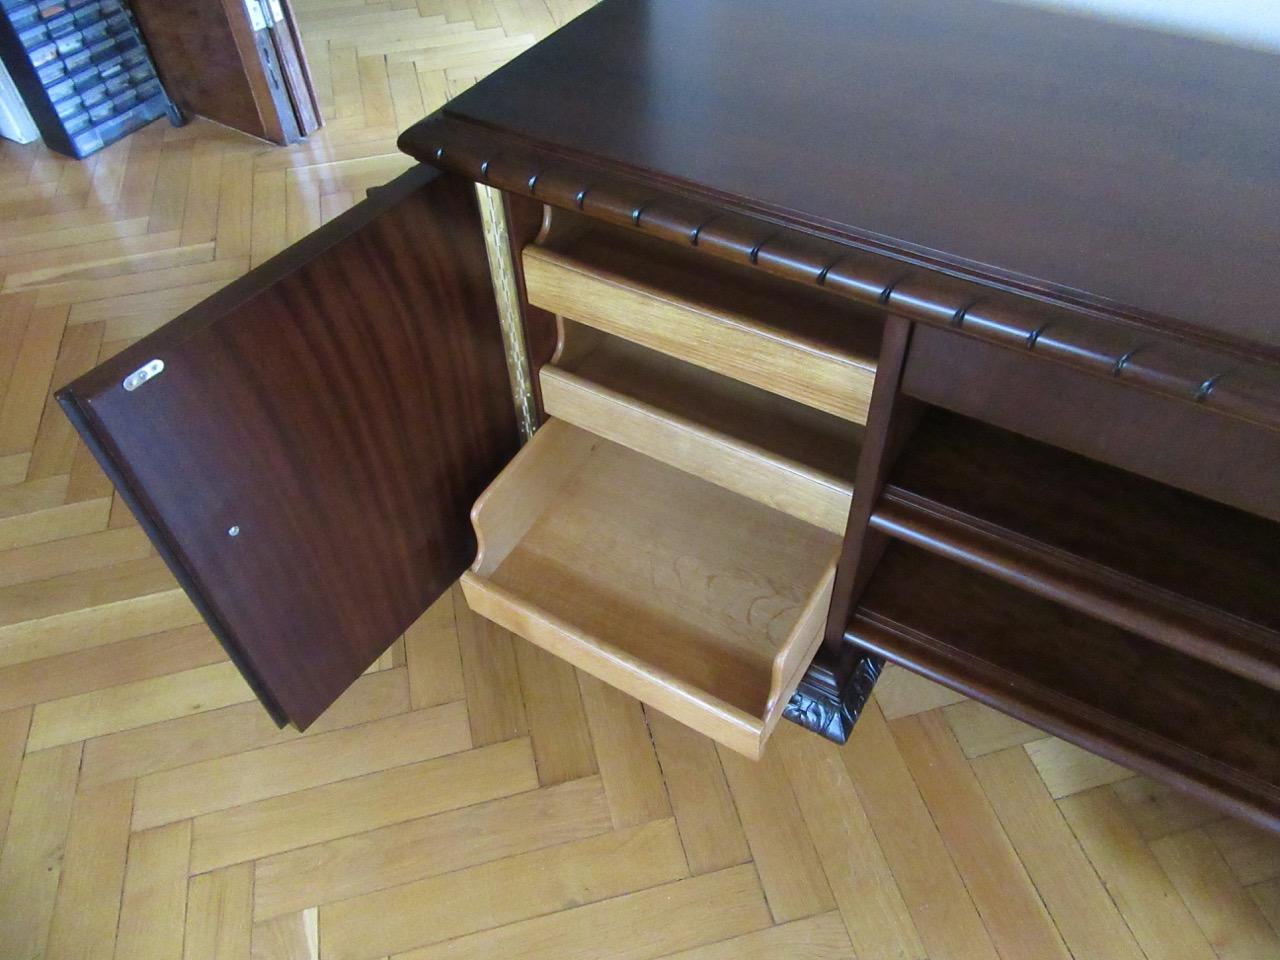 auf kundenwunsch umbau tisch zu anrichte tischlerei hamburg tischlerei holzwerkstatt helmeke. Black Bedroom Furniture Sets. Home Design Ideas